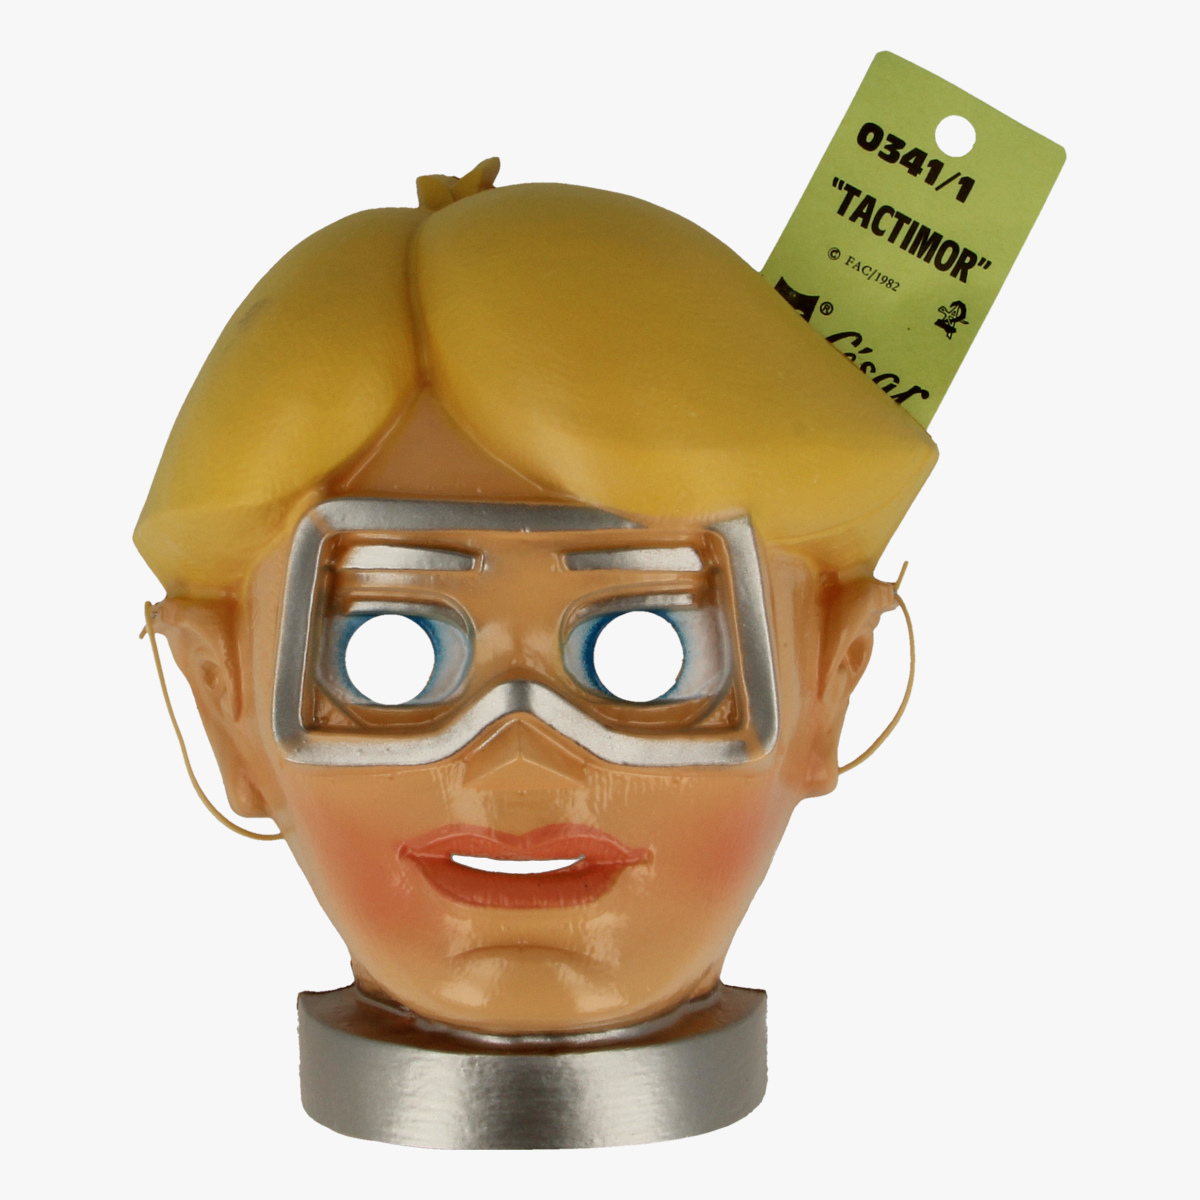 Afbeeldingen van Masker carnaval Tactimor